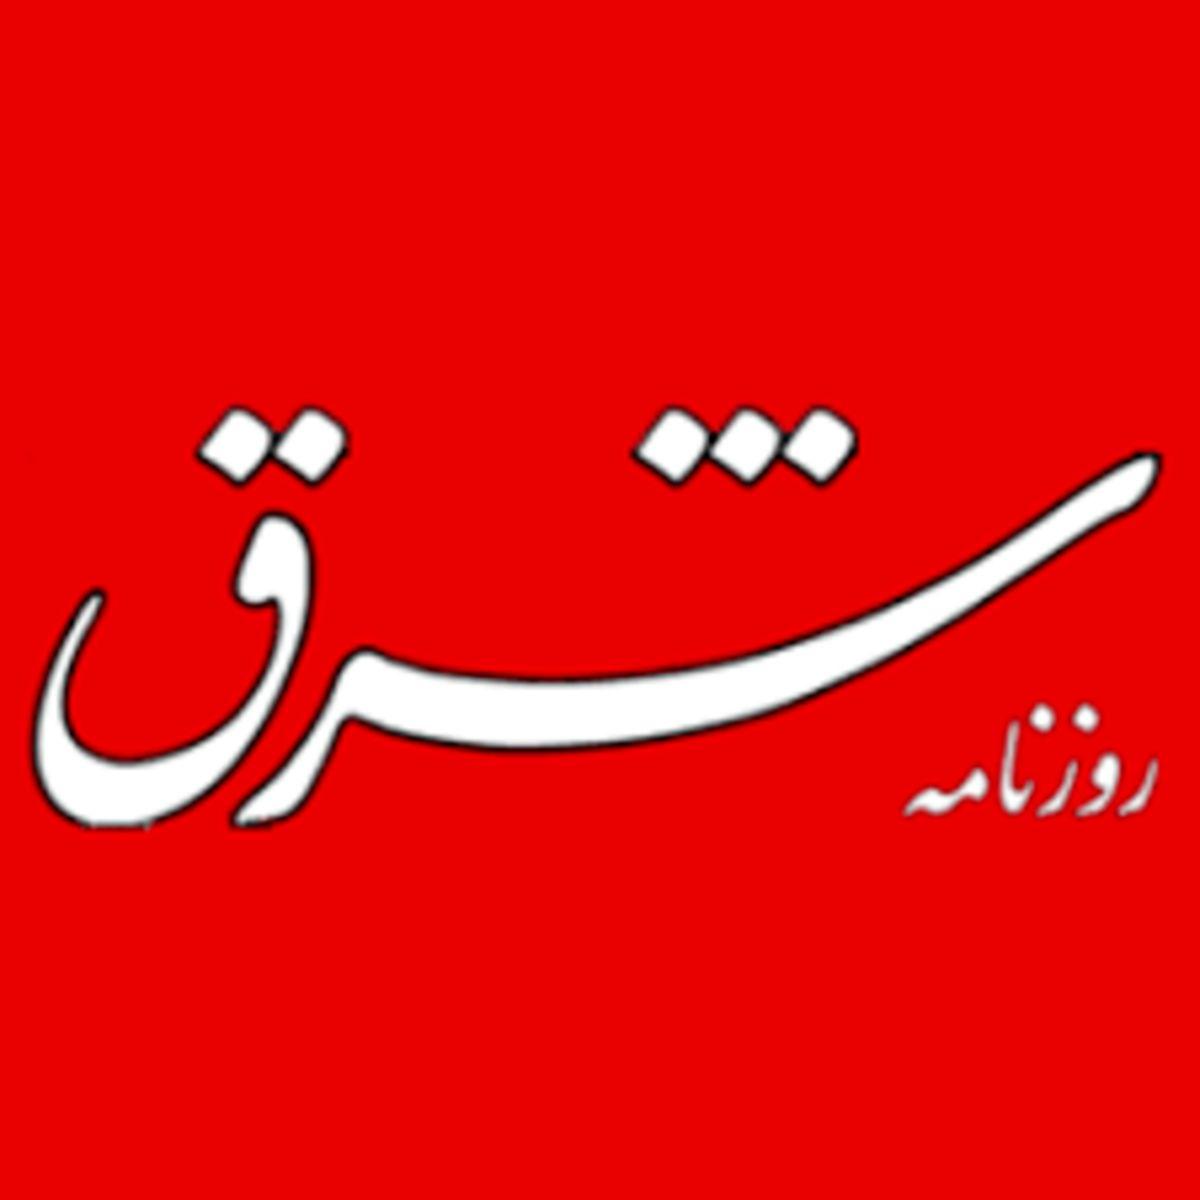 ردپای حسن رعیت رفیق بابک زنجانی در گرانی خودرو